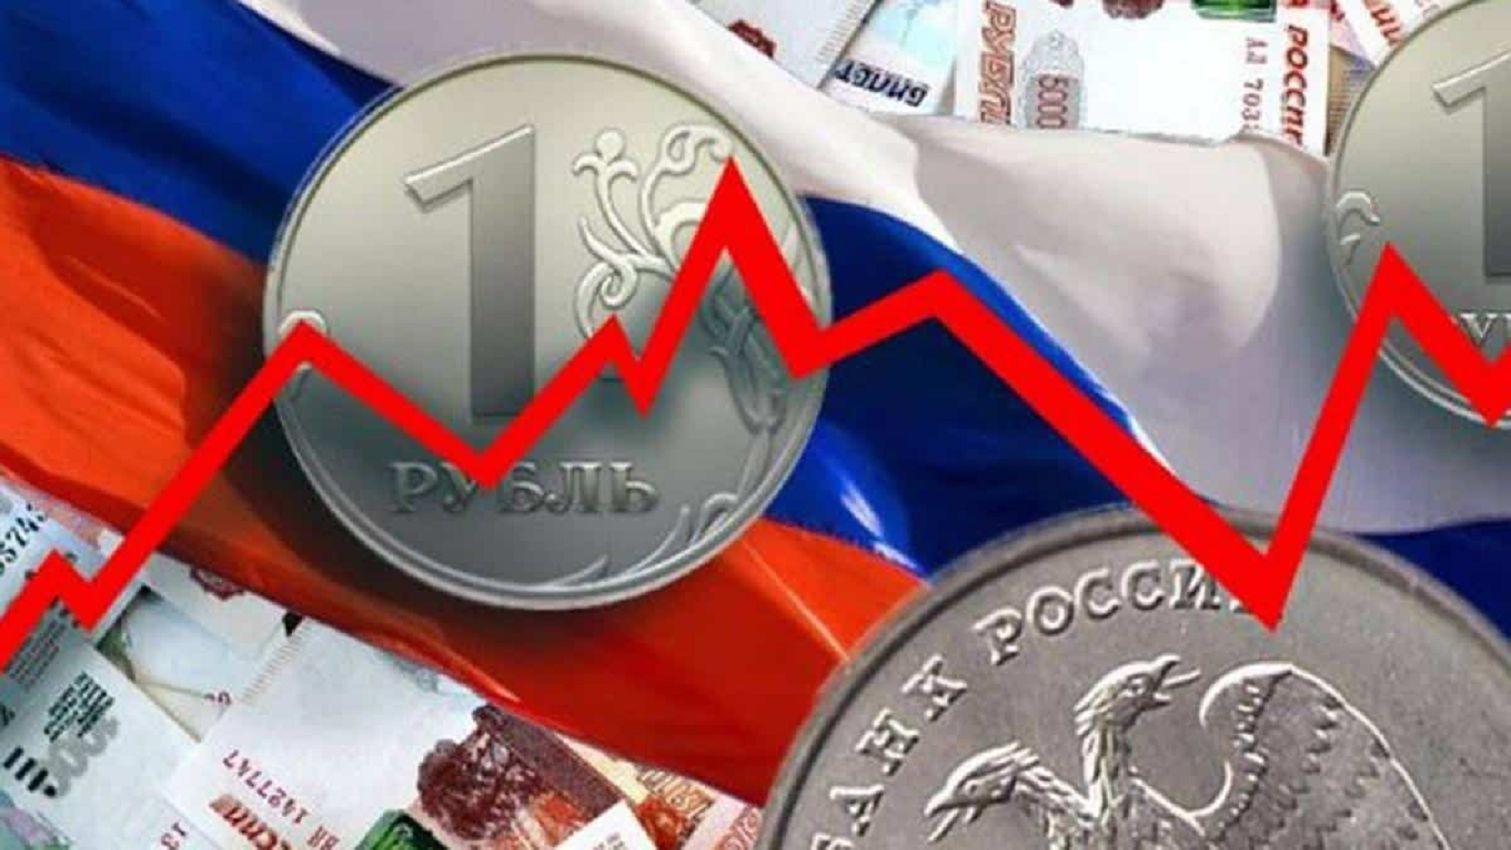 Больше граждан России считают свою страну влиятельным намировой арене государством,